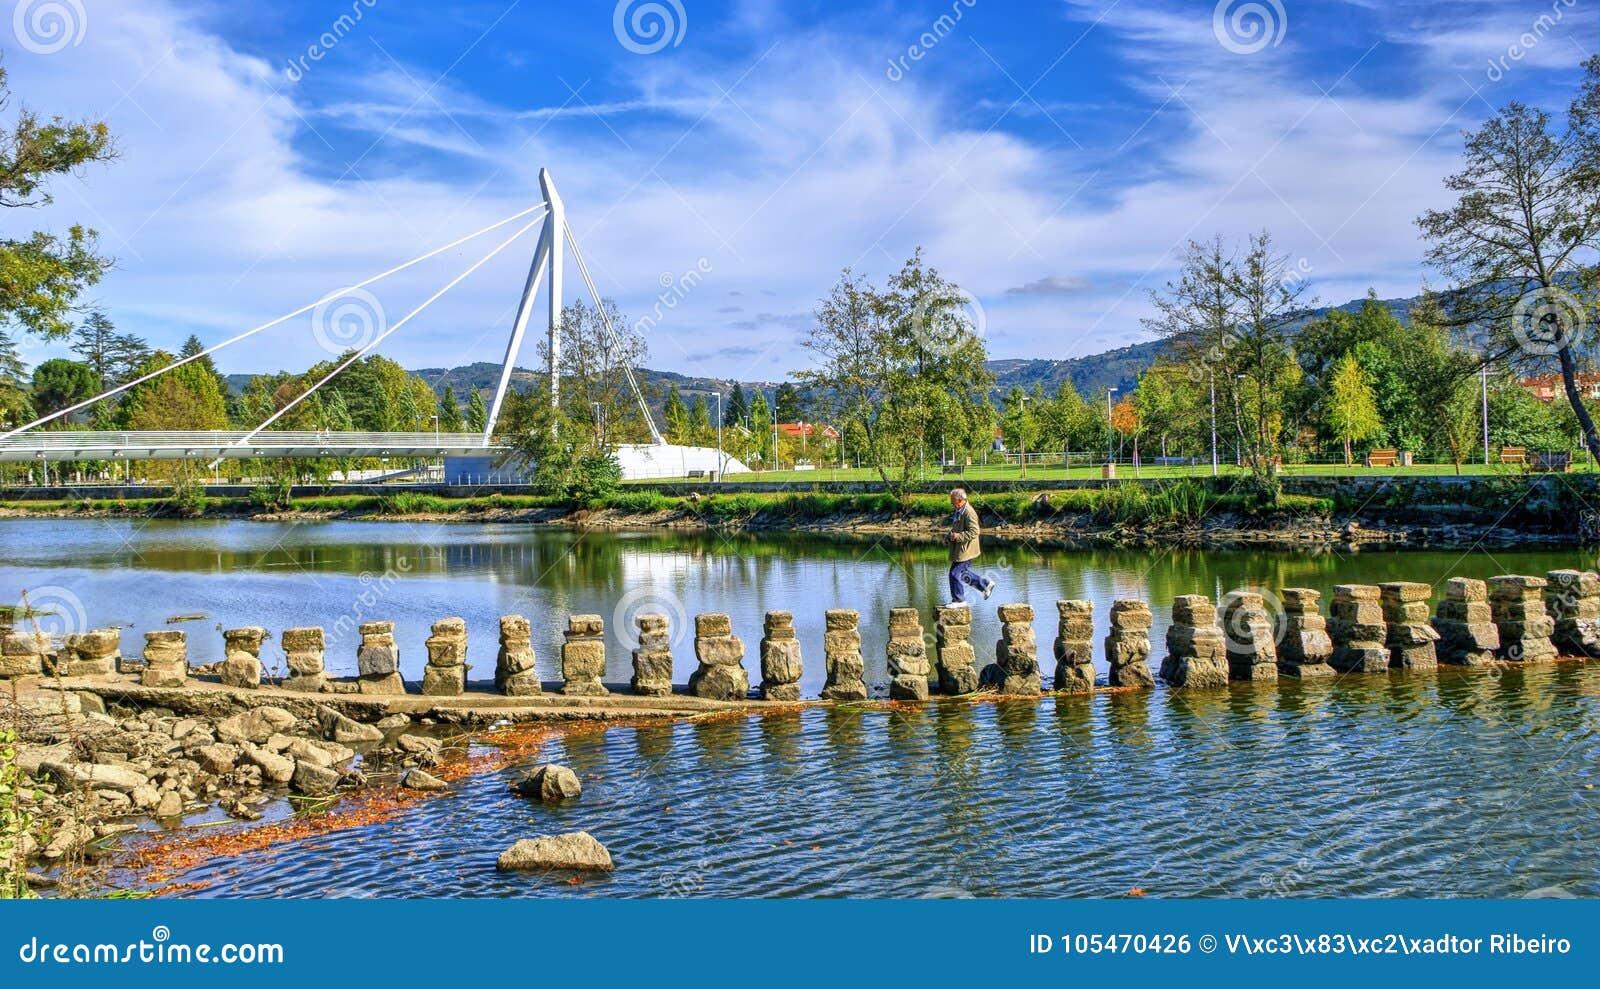 Old pedestrian bridge in tamega river